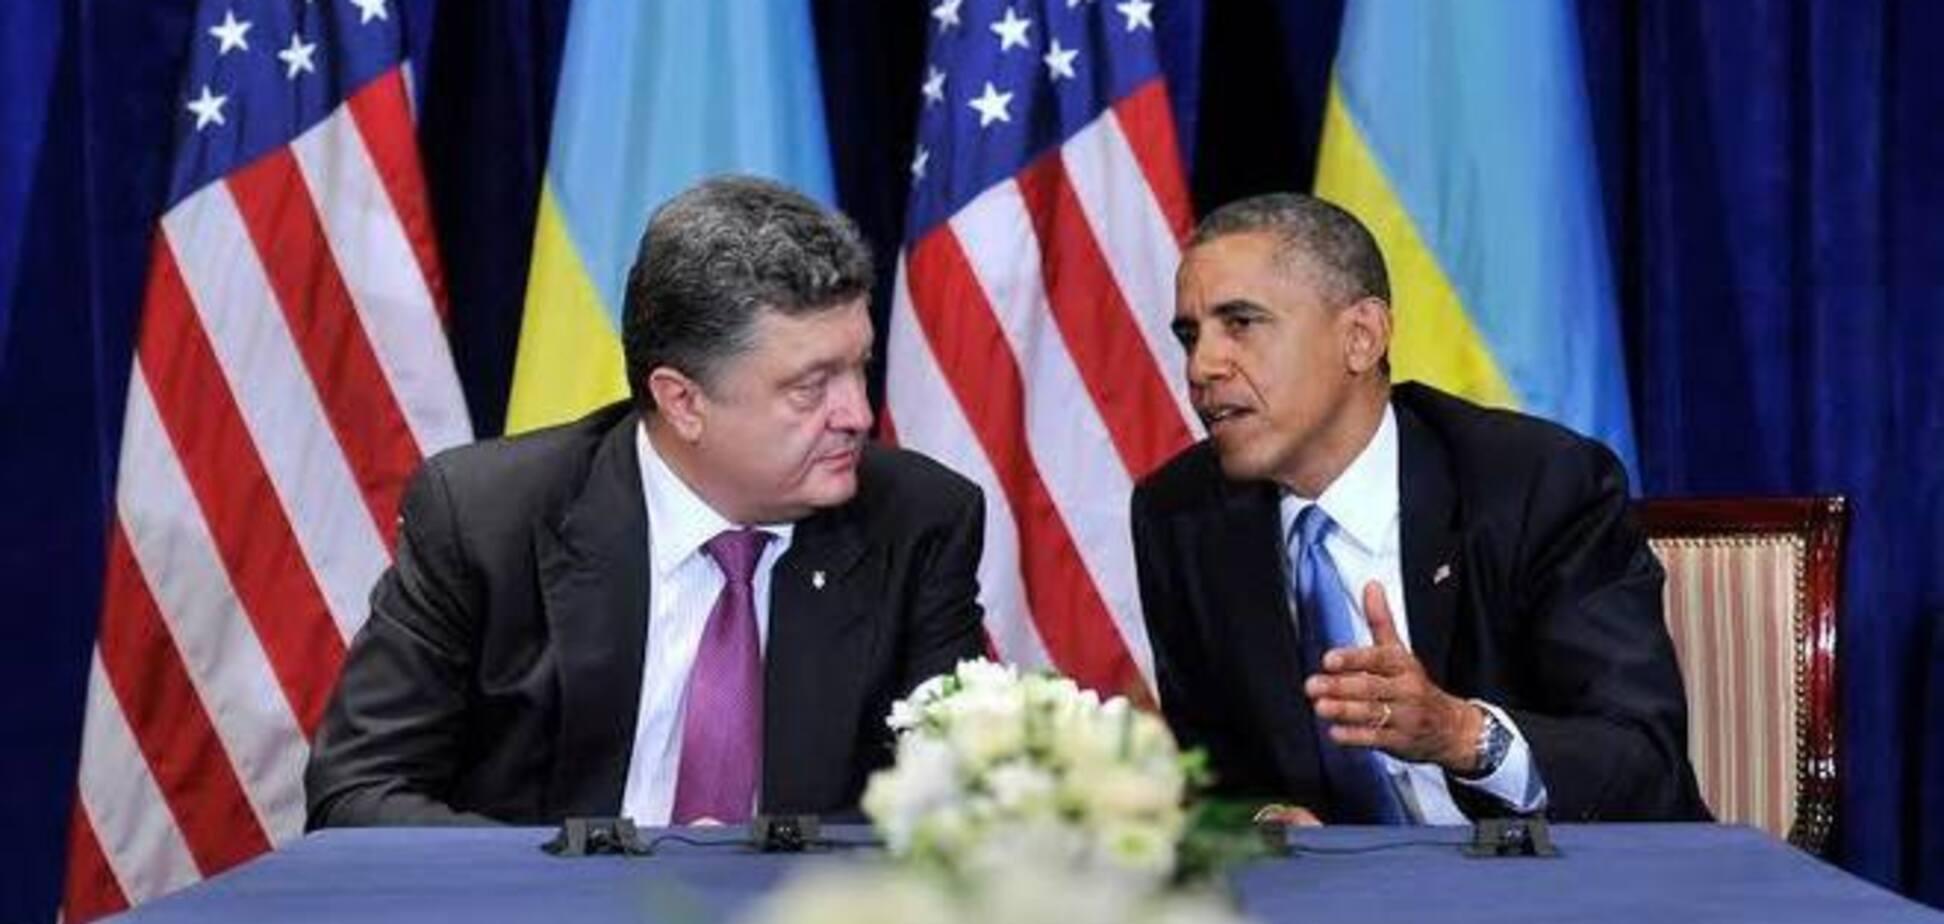 Обама назвав обрання Порошенка 'мудрим вибором' і виділив Україні $ 5 млн